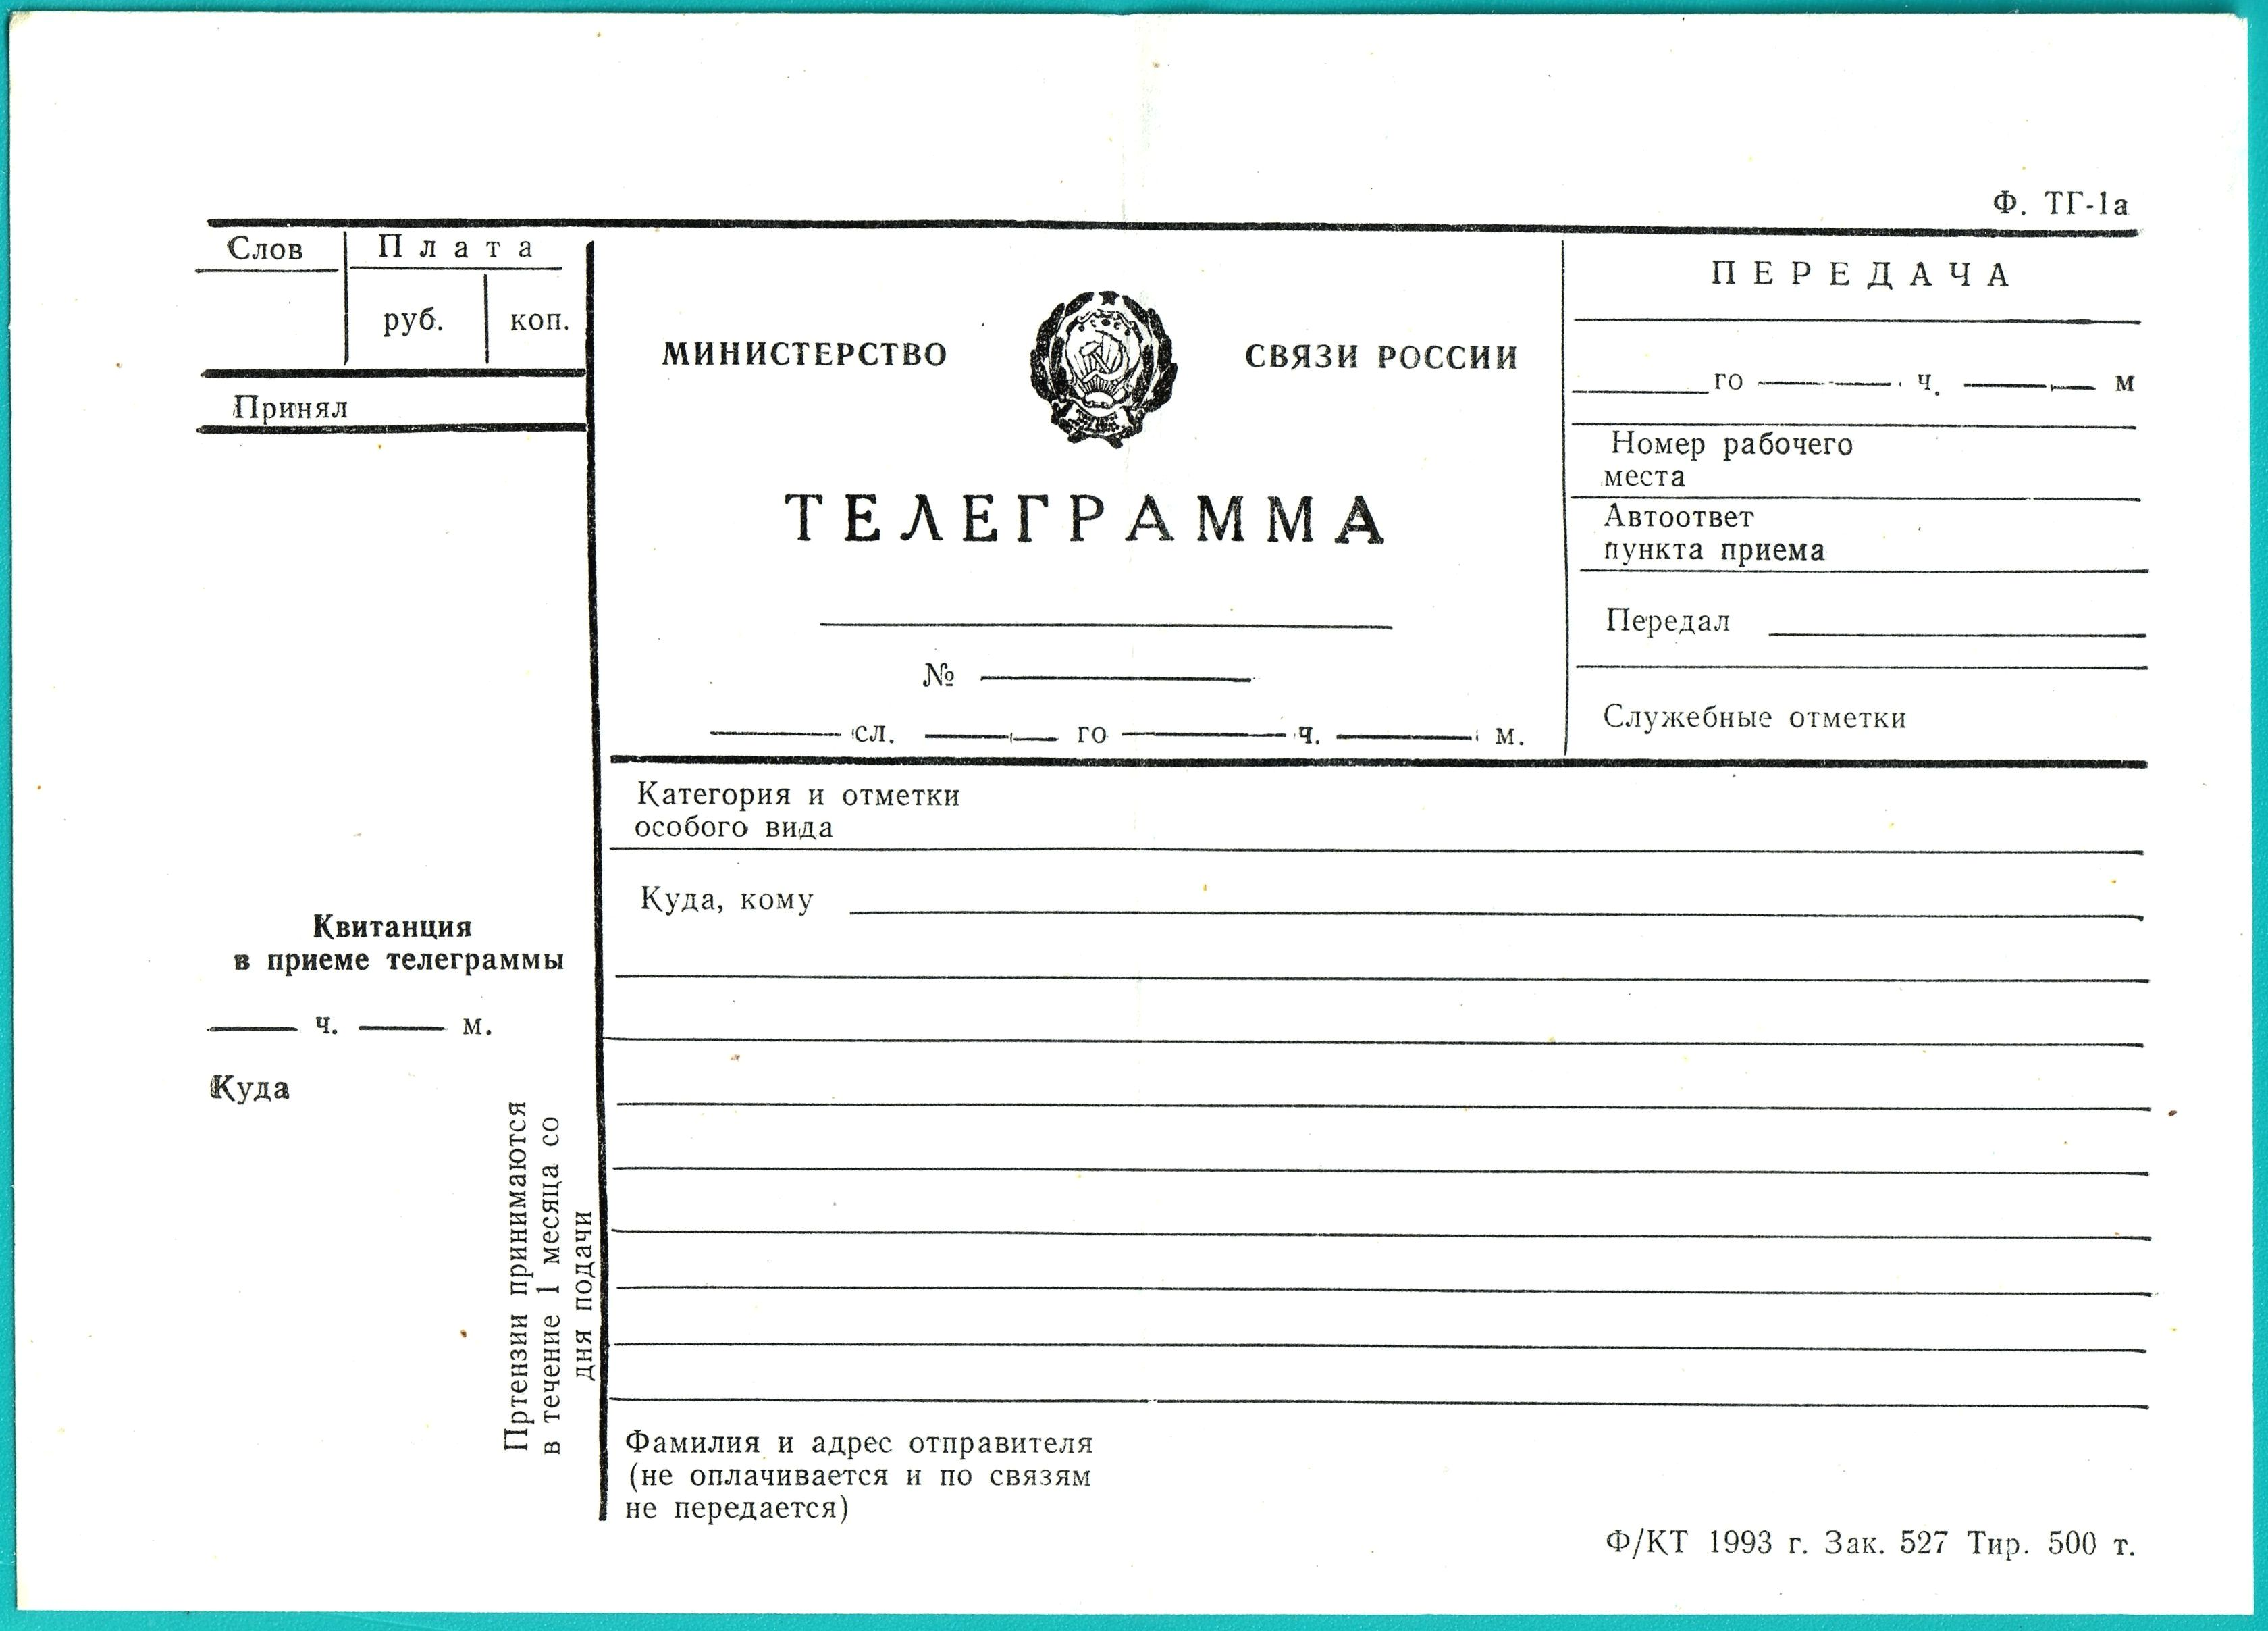 Решебник 5 класс по немецкому языку рабочая тетрадь